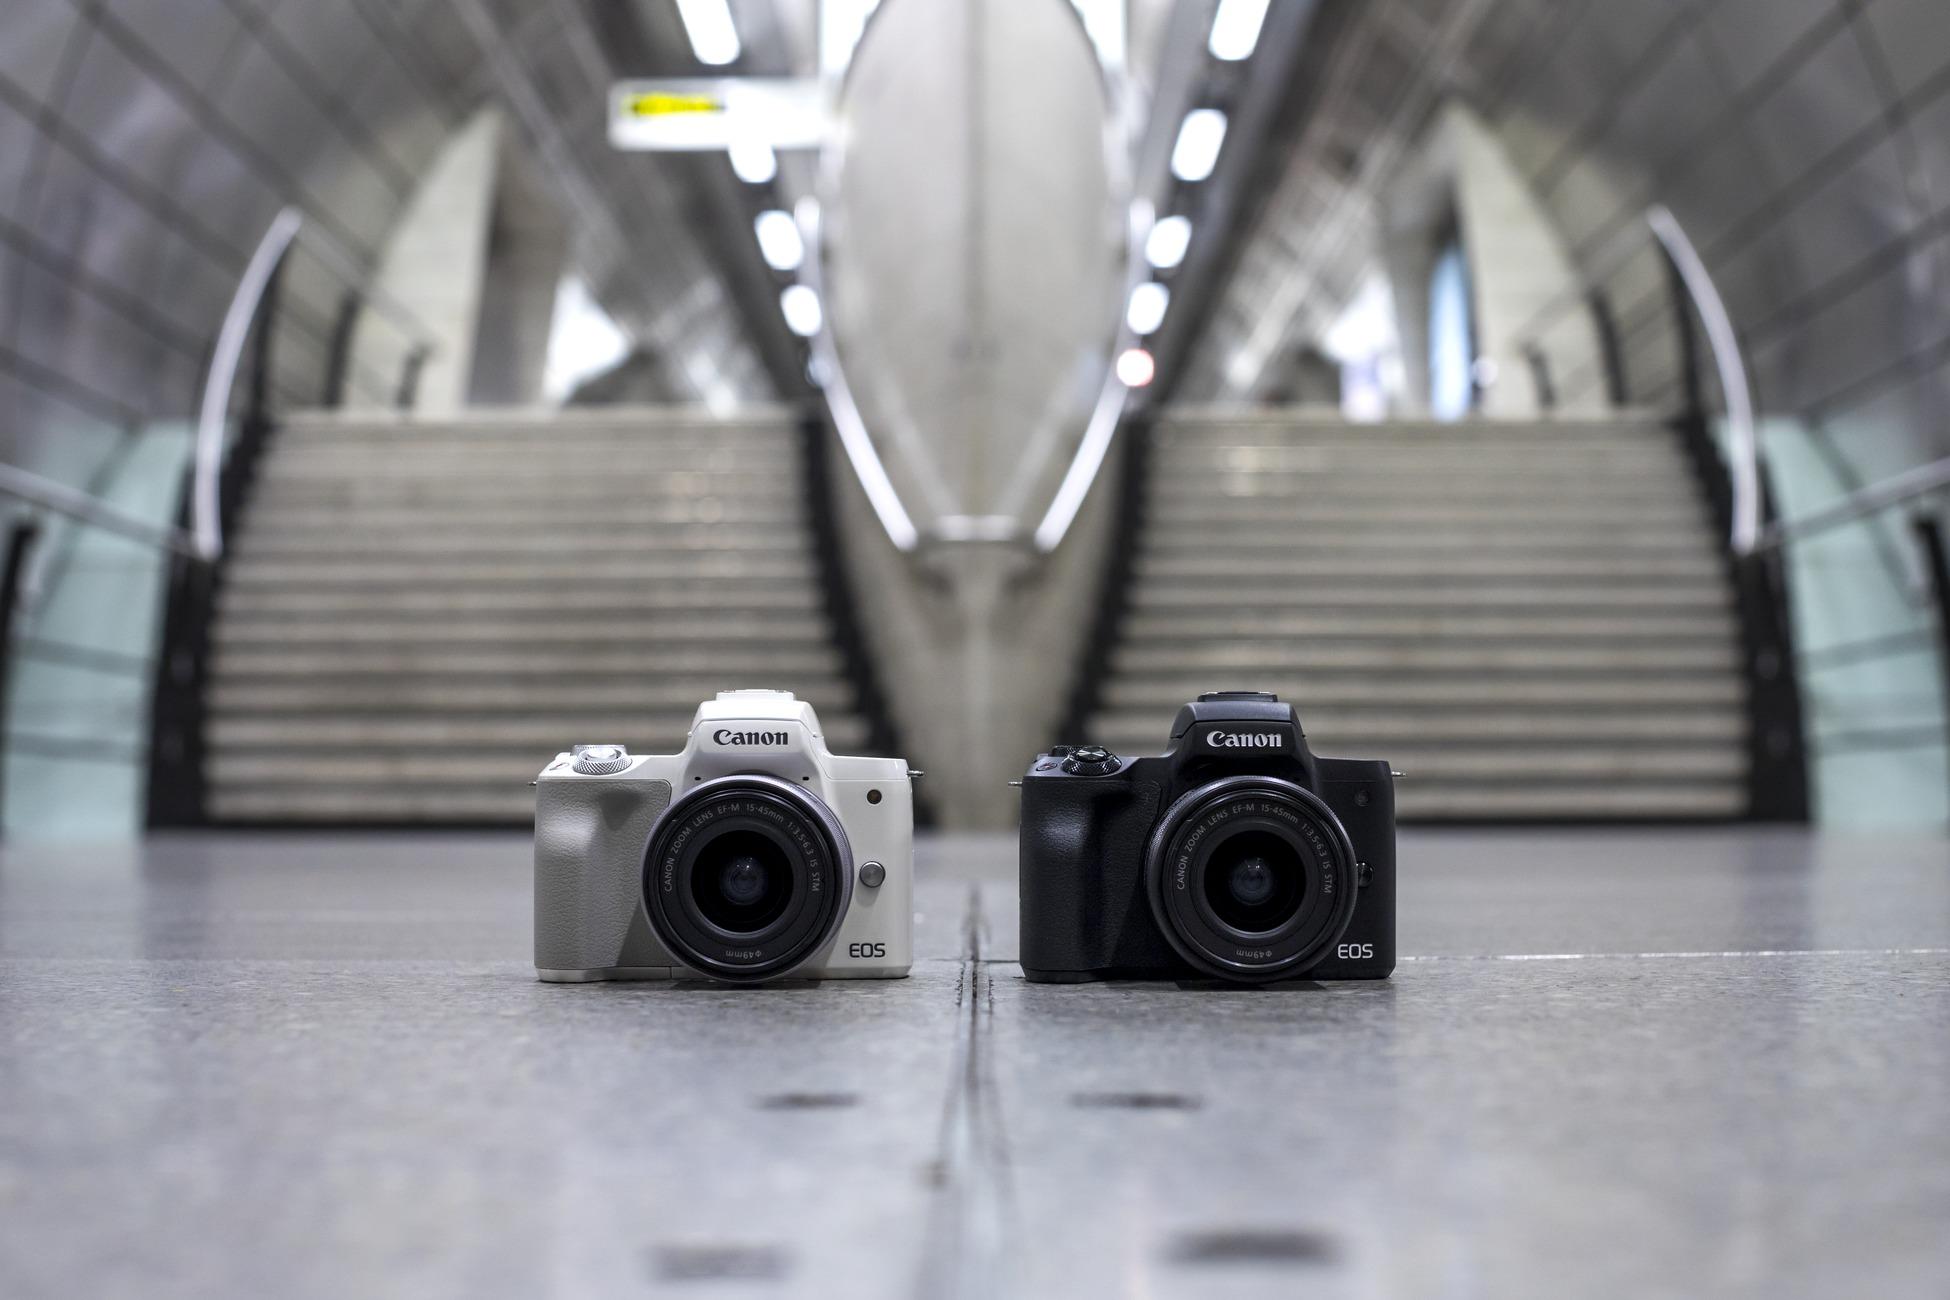 2 Canon EOS M50 systeemcamera's bij trap in openbare ruimte